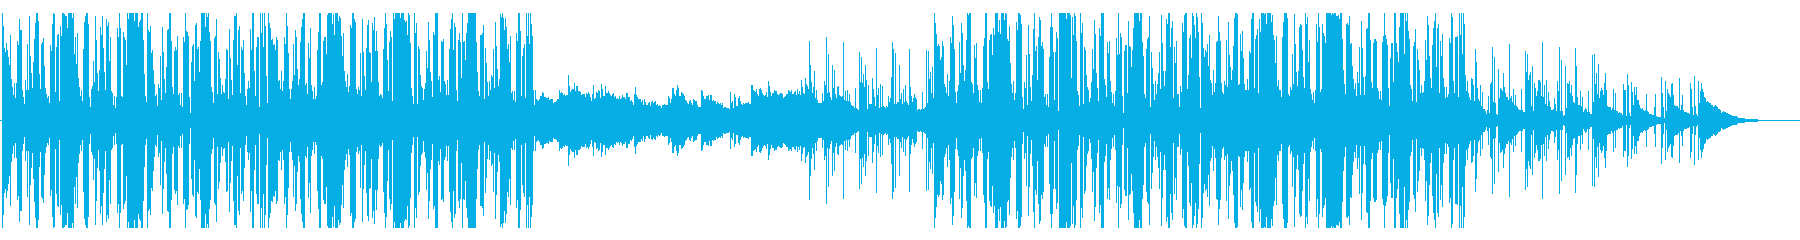 サスペンスなどのテーマ曲、メロディアス の再生済みの波形